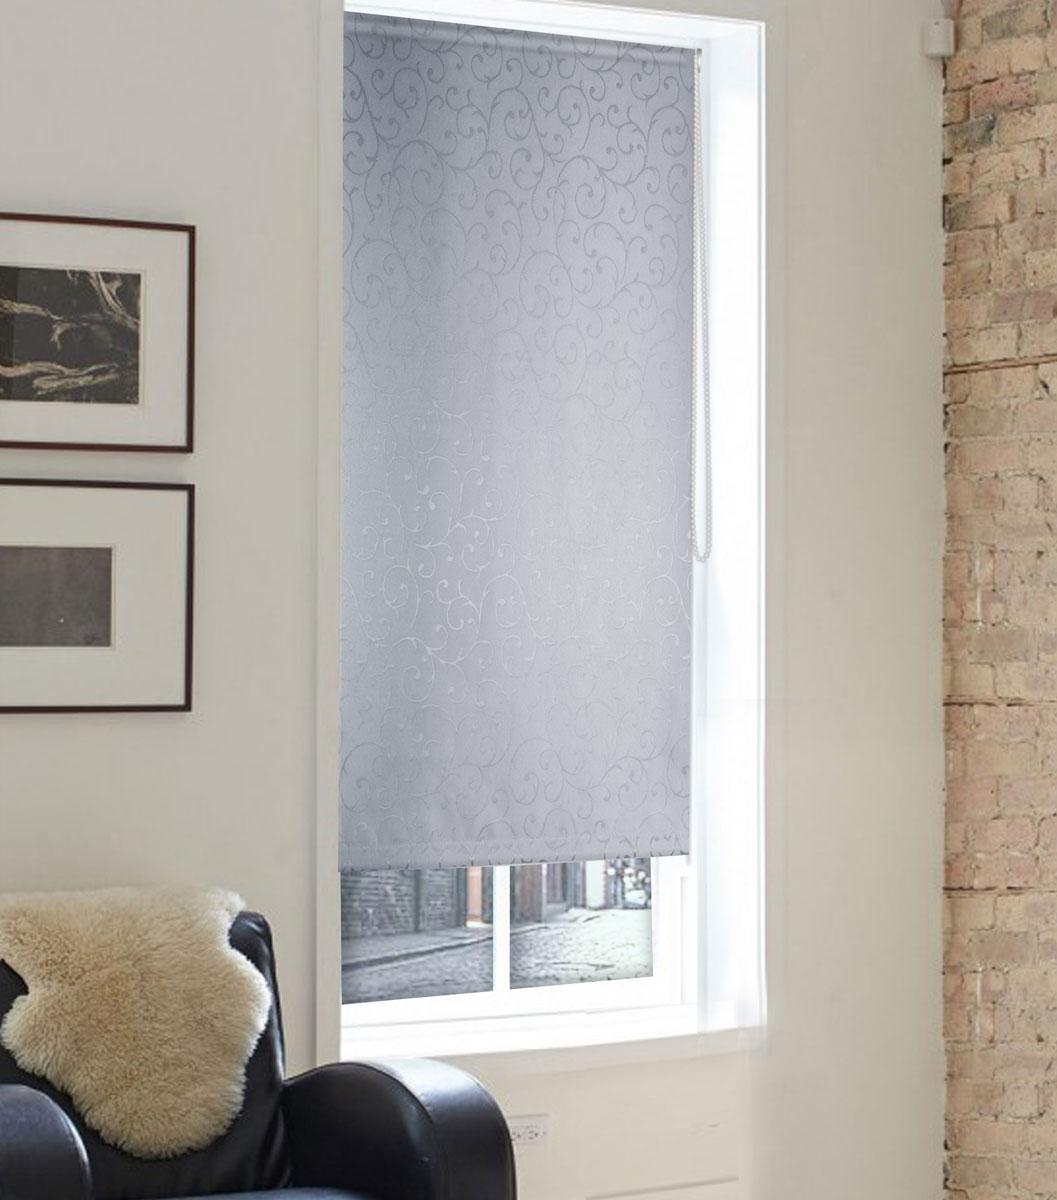 Штора рулонная Эскар Миниролло. Агат, фактурная, цвет: серый, ширина 73 см, высота 160 см37022073160Рулонная штора Эскар Миниролло. Агат выполнена из высокопрочной ткани, которая сохраняет свой размер даже при намокании. Ткань не выцветает и обладает отличной цветоустойчивостью. Миниролло - это подвид рулонных штор, который закрывает не весь оконный проем, а непосредственно само стекло. Такие шторы крепятся на раму без сверления при помощи зажимов или клейкой двухсторонней ленты. Окно остается на гарантии, благодаря монтажу без сверления. Такая штора станет прекрасным элементом декора окна и гармонично впишется в интерьер любого помещения.